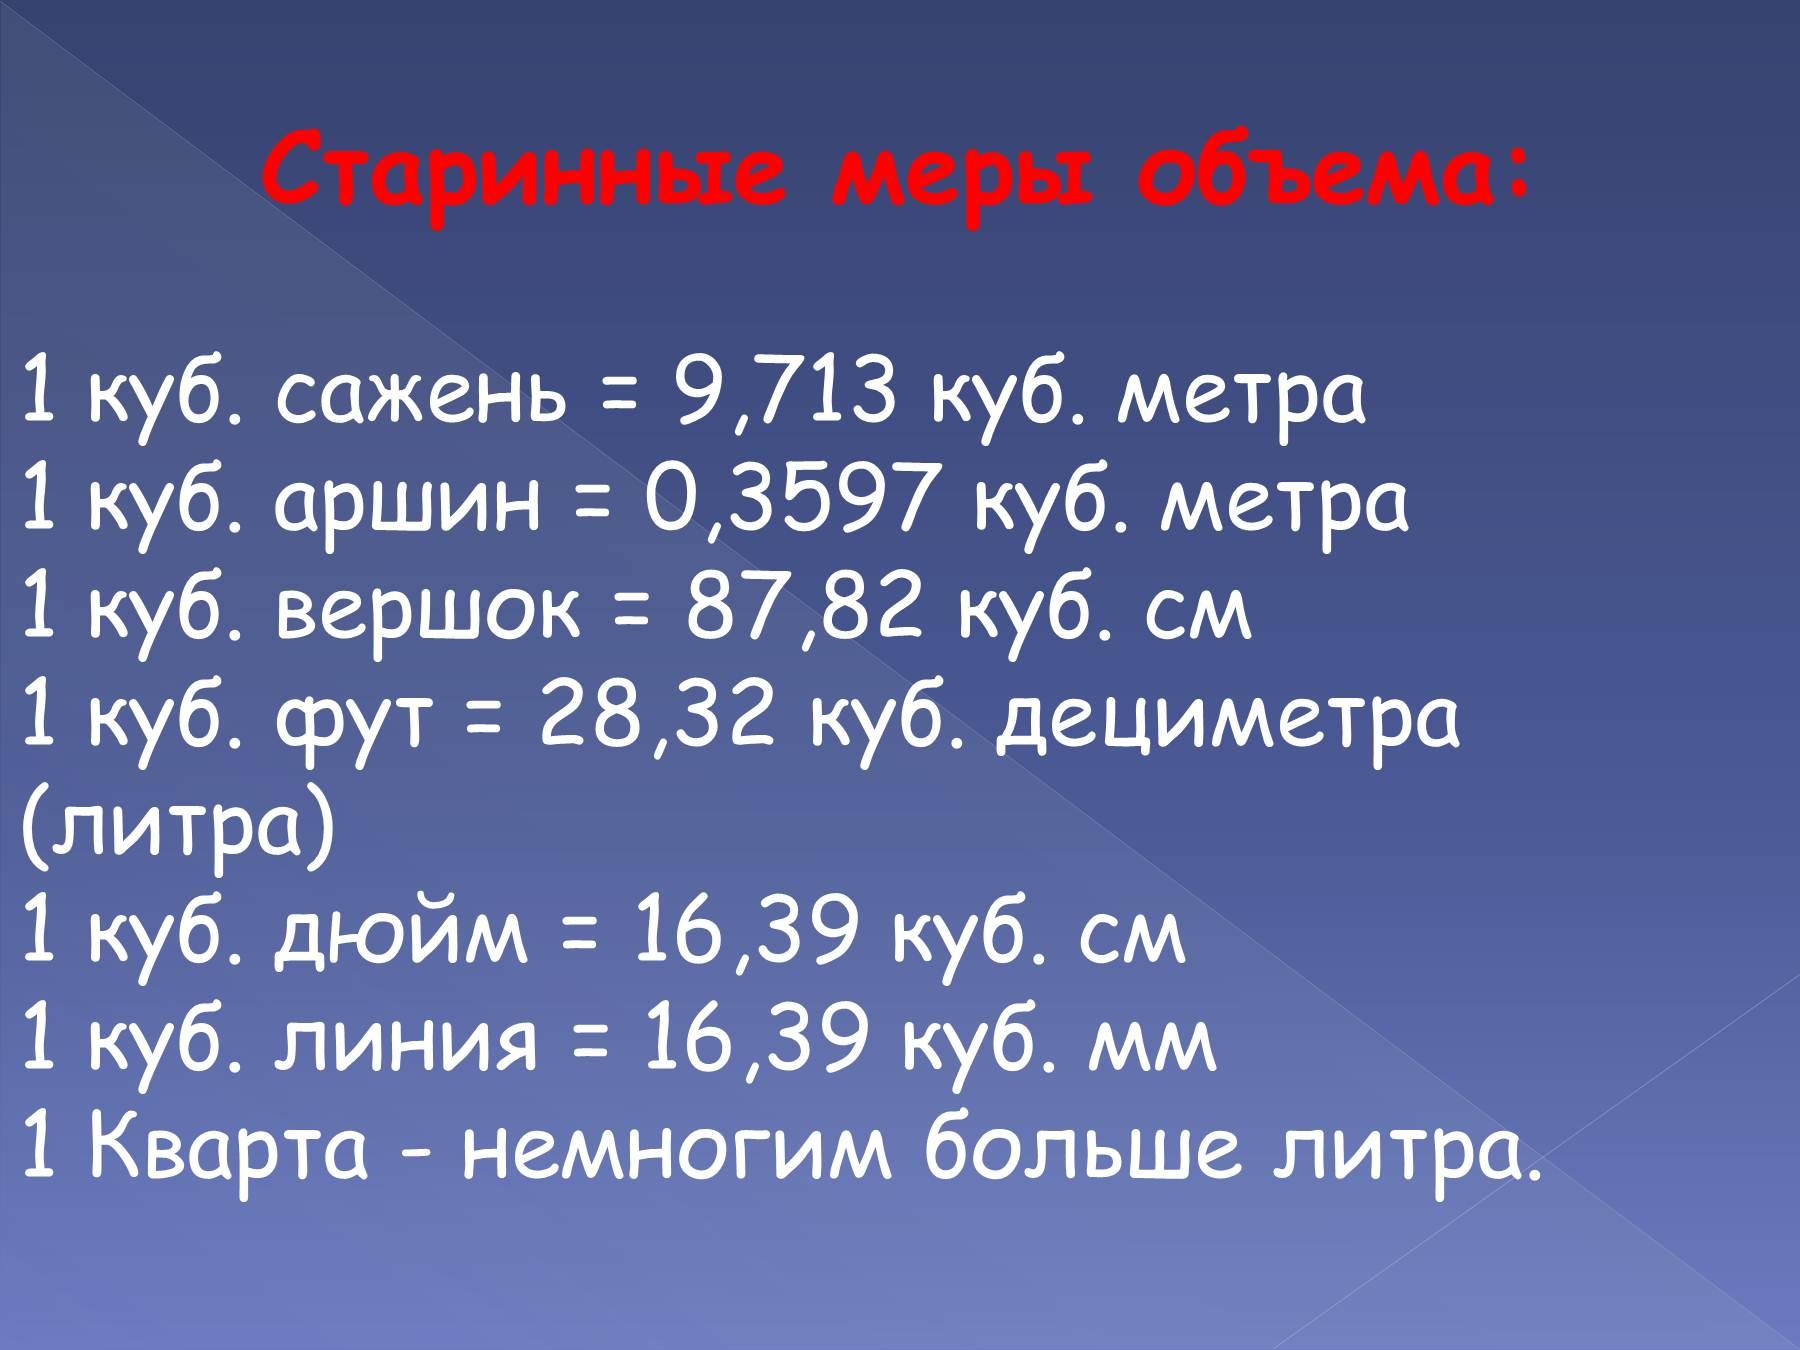 М - Кубический метр. Конвертер величин (объём, Метрическая) 69